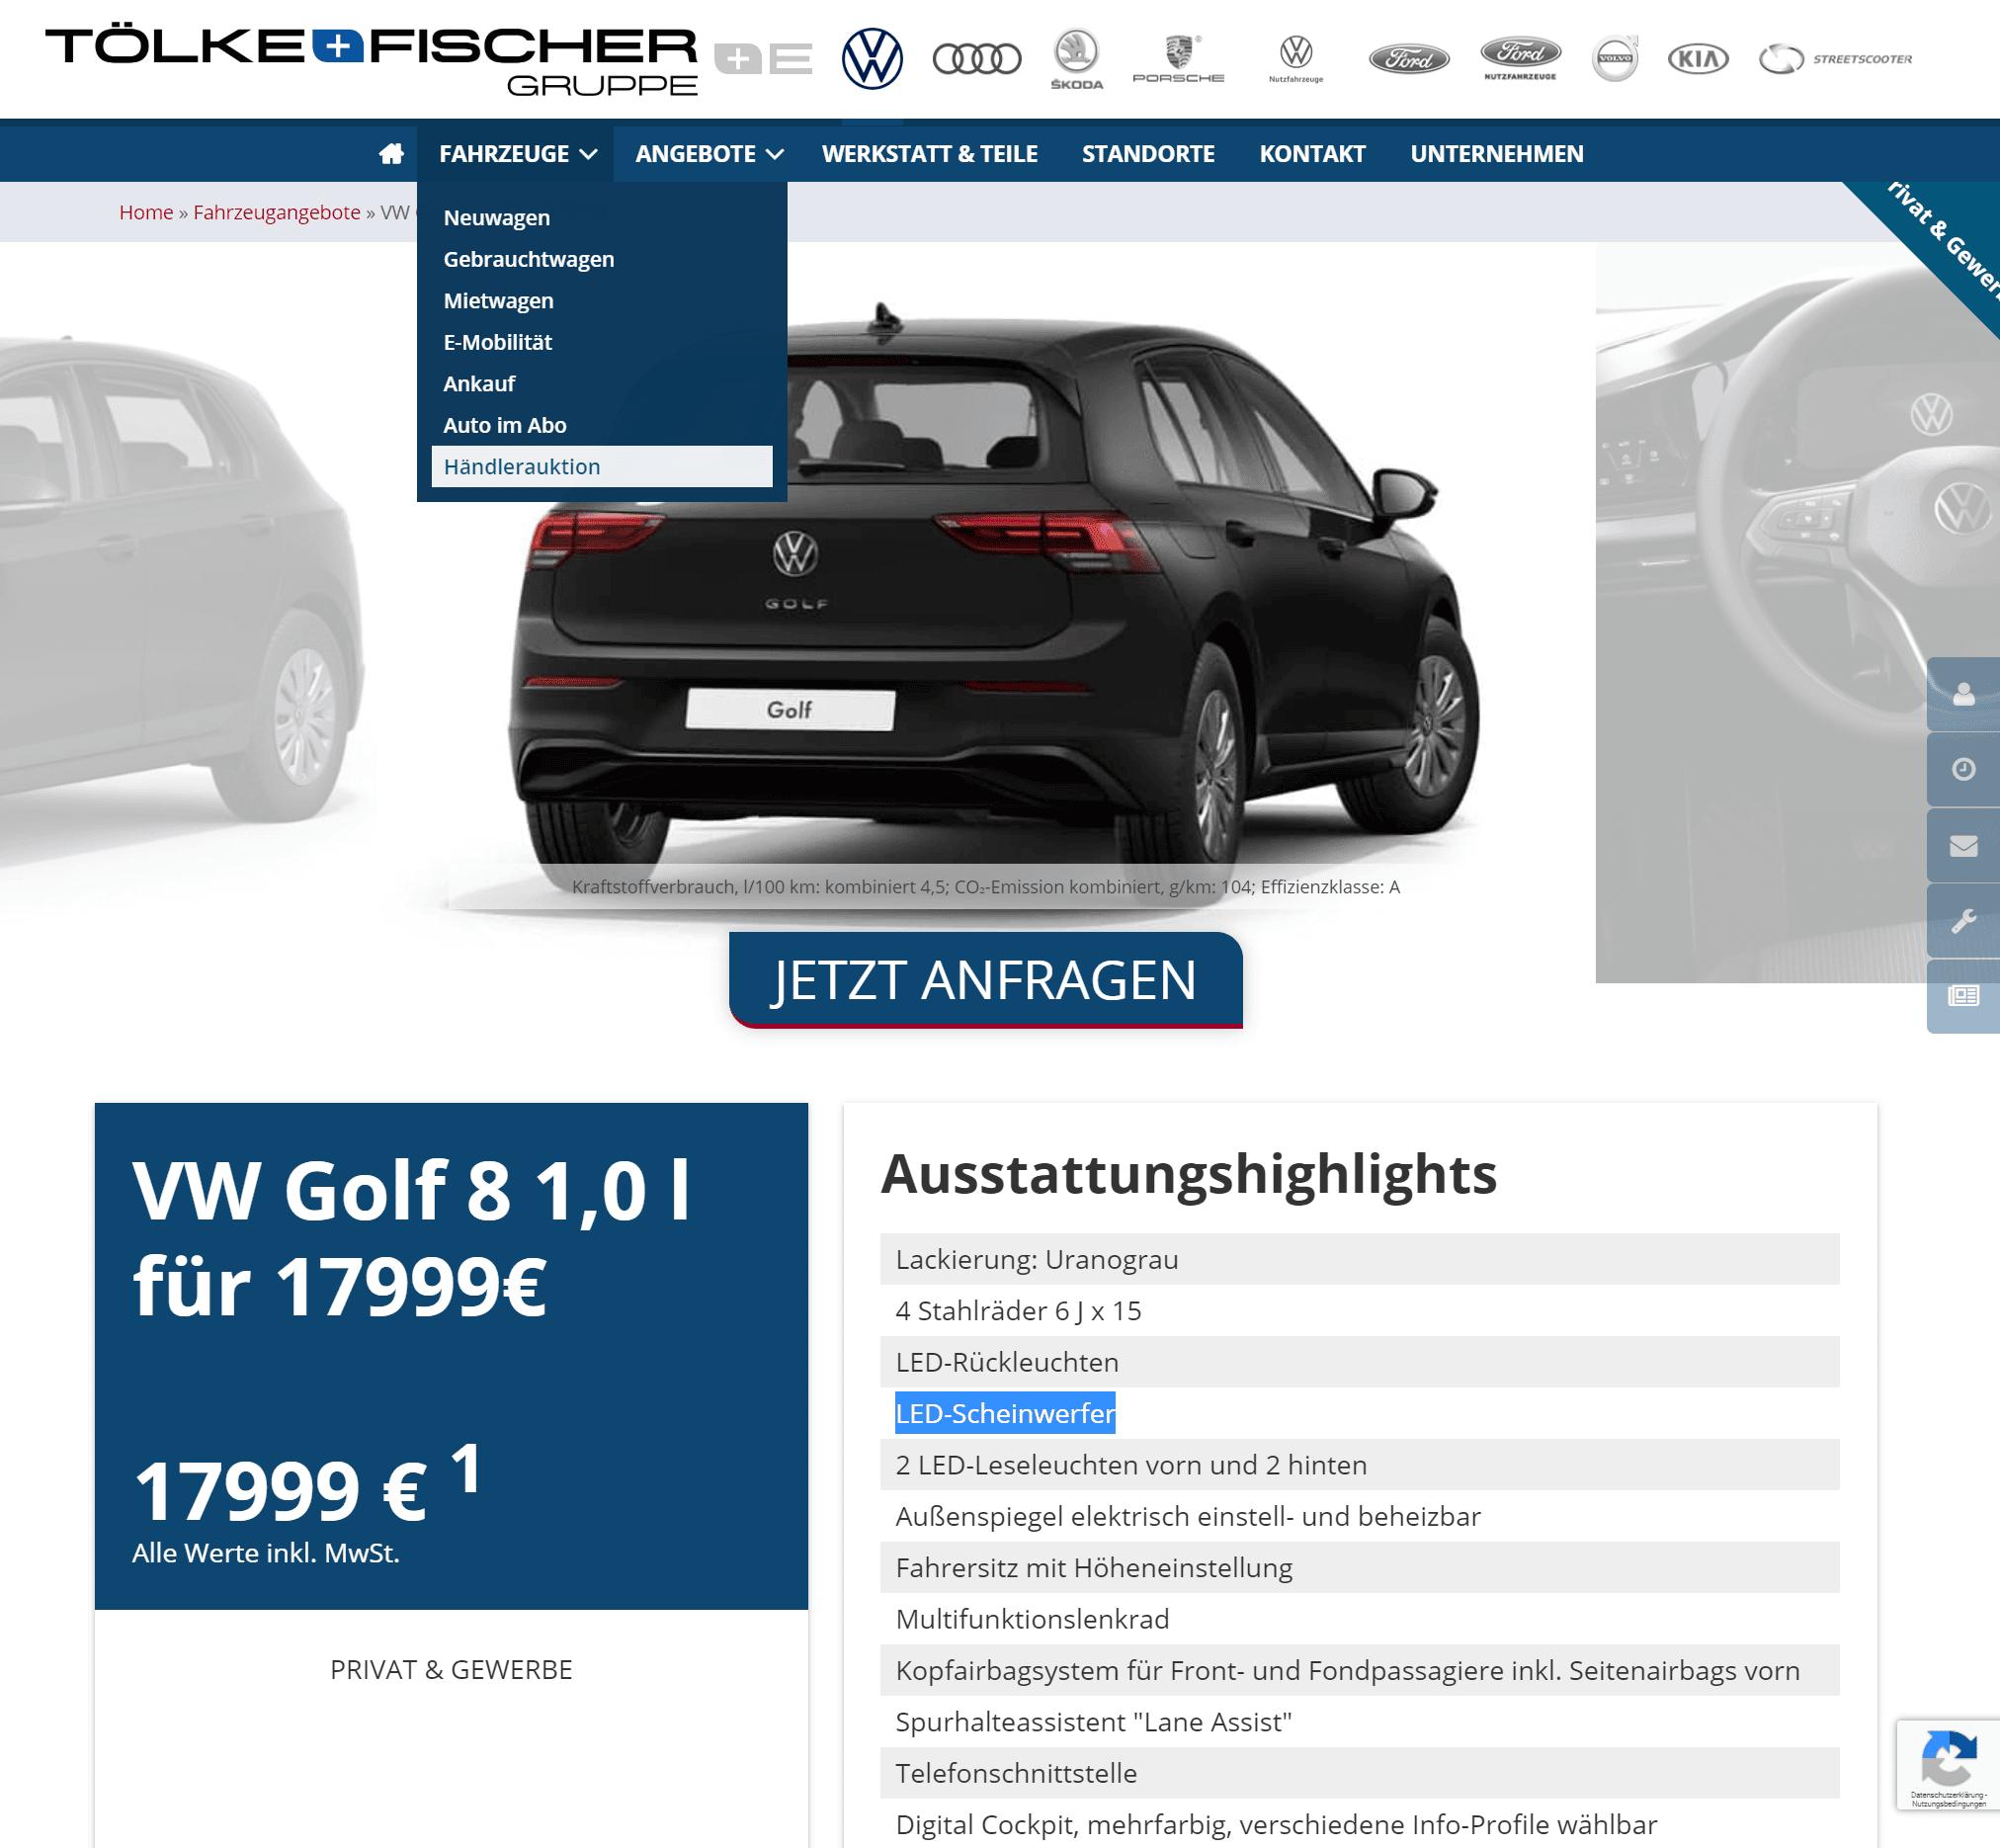 Kaufdeal Volkswagen Golf Viii 1 0 Tsi Opf 66kw Bei Tolke Fischer Bestellfahrzeug Preisvorteil Von 3 045 98 Euro Sparneuwagen De